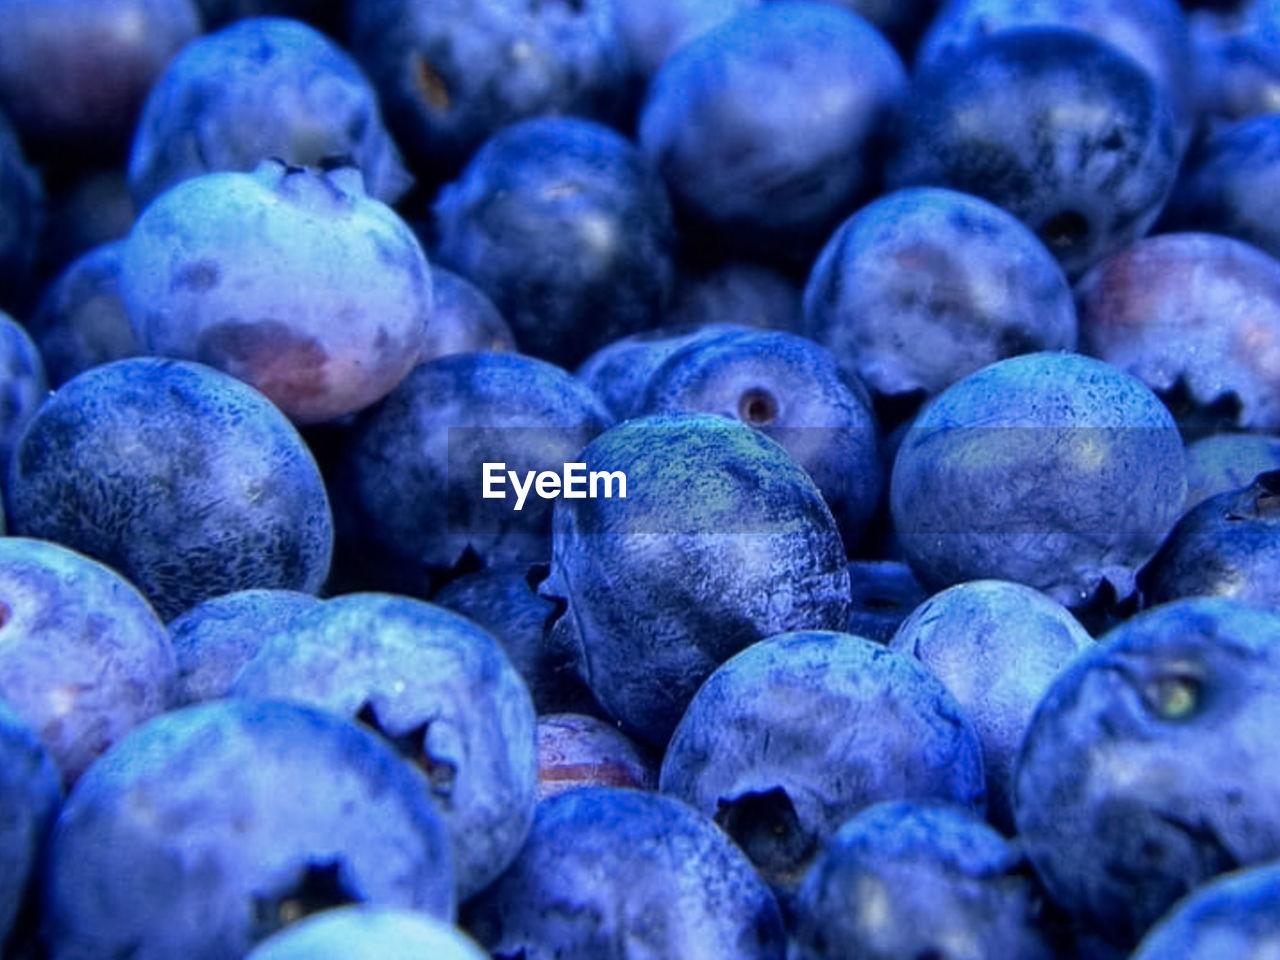 FULL FRAME SHOT OF FRESH BLUE AND BLUEBERRIES